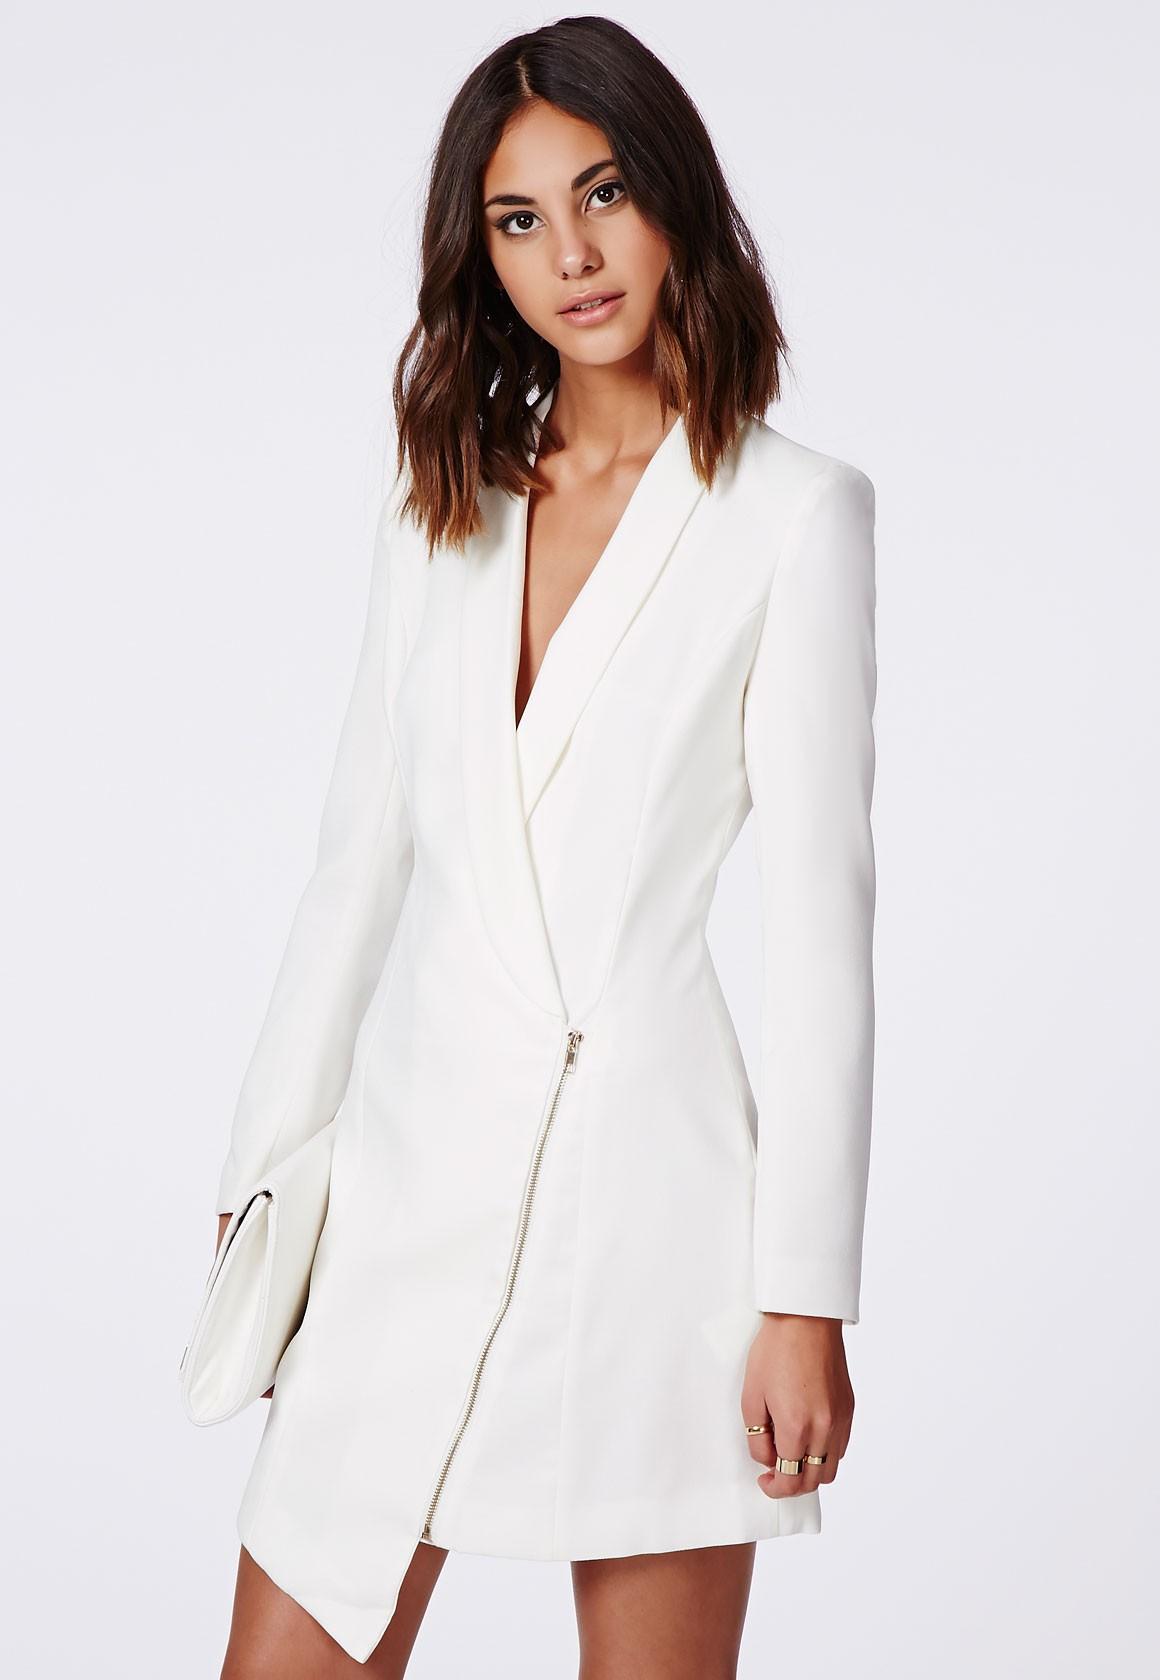 women white suit jacket photo - 1